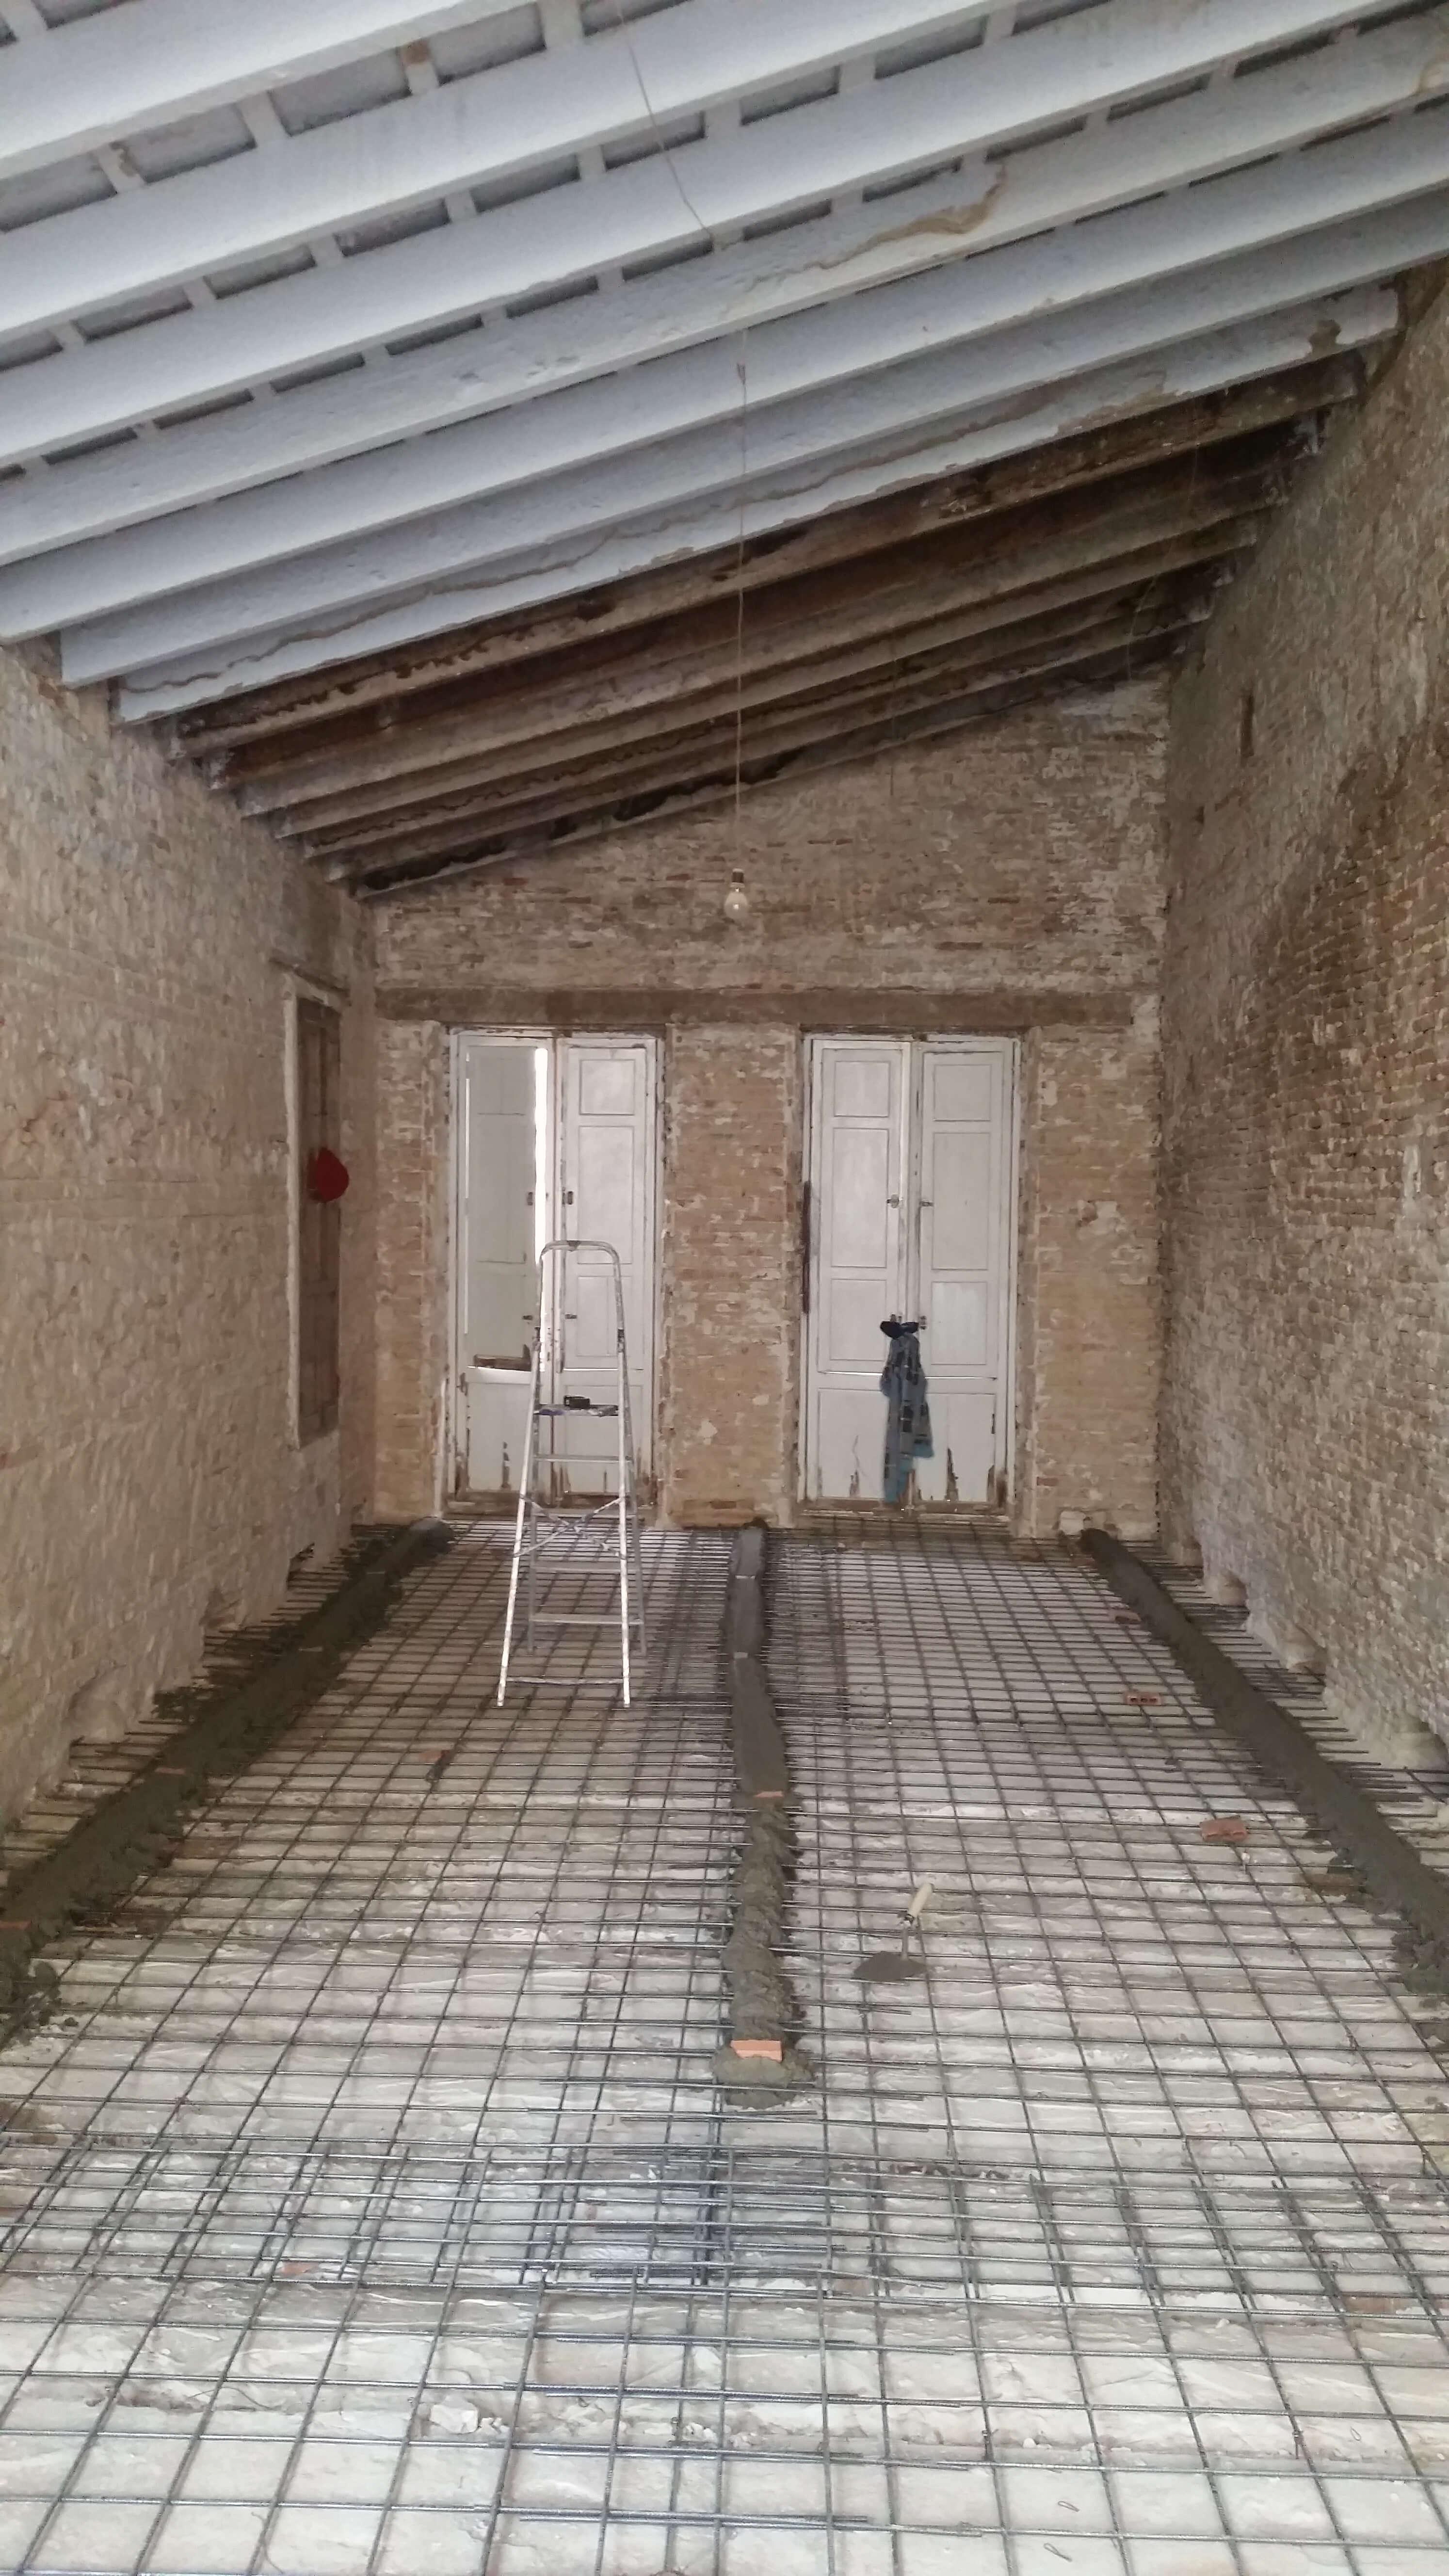 arkitech-categoria-rehabilitacion-edificios-5